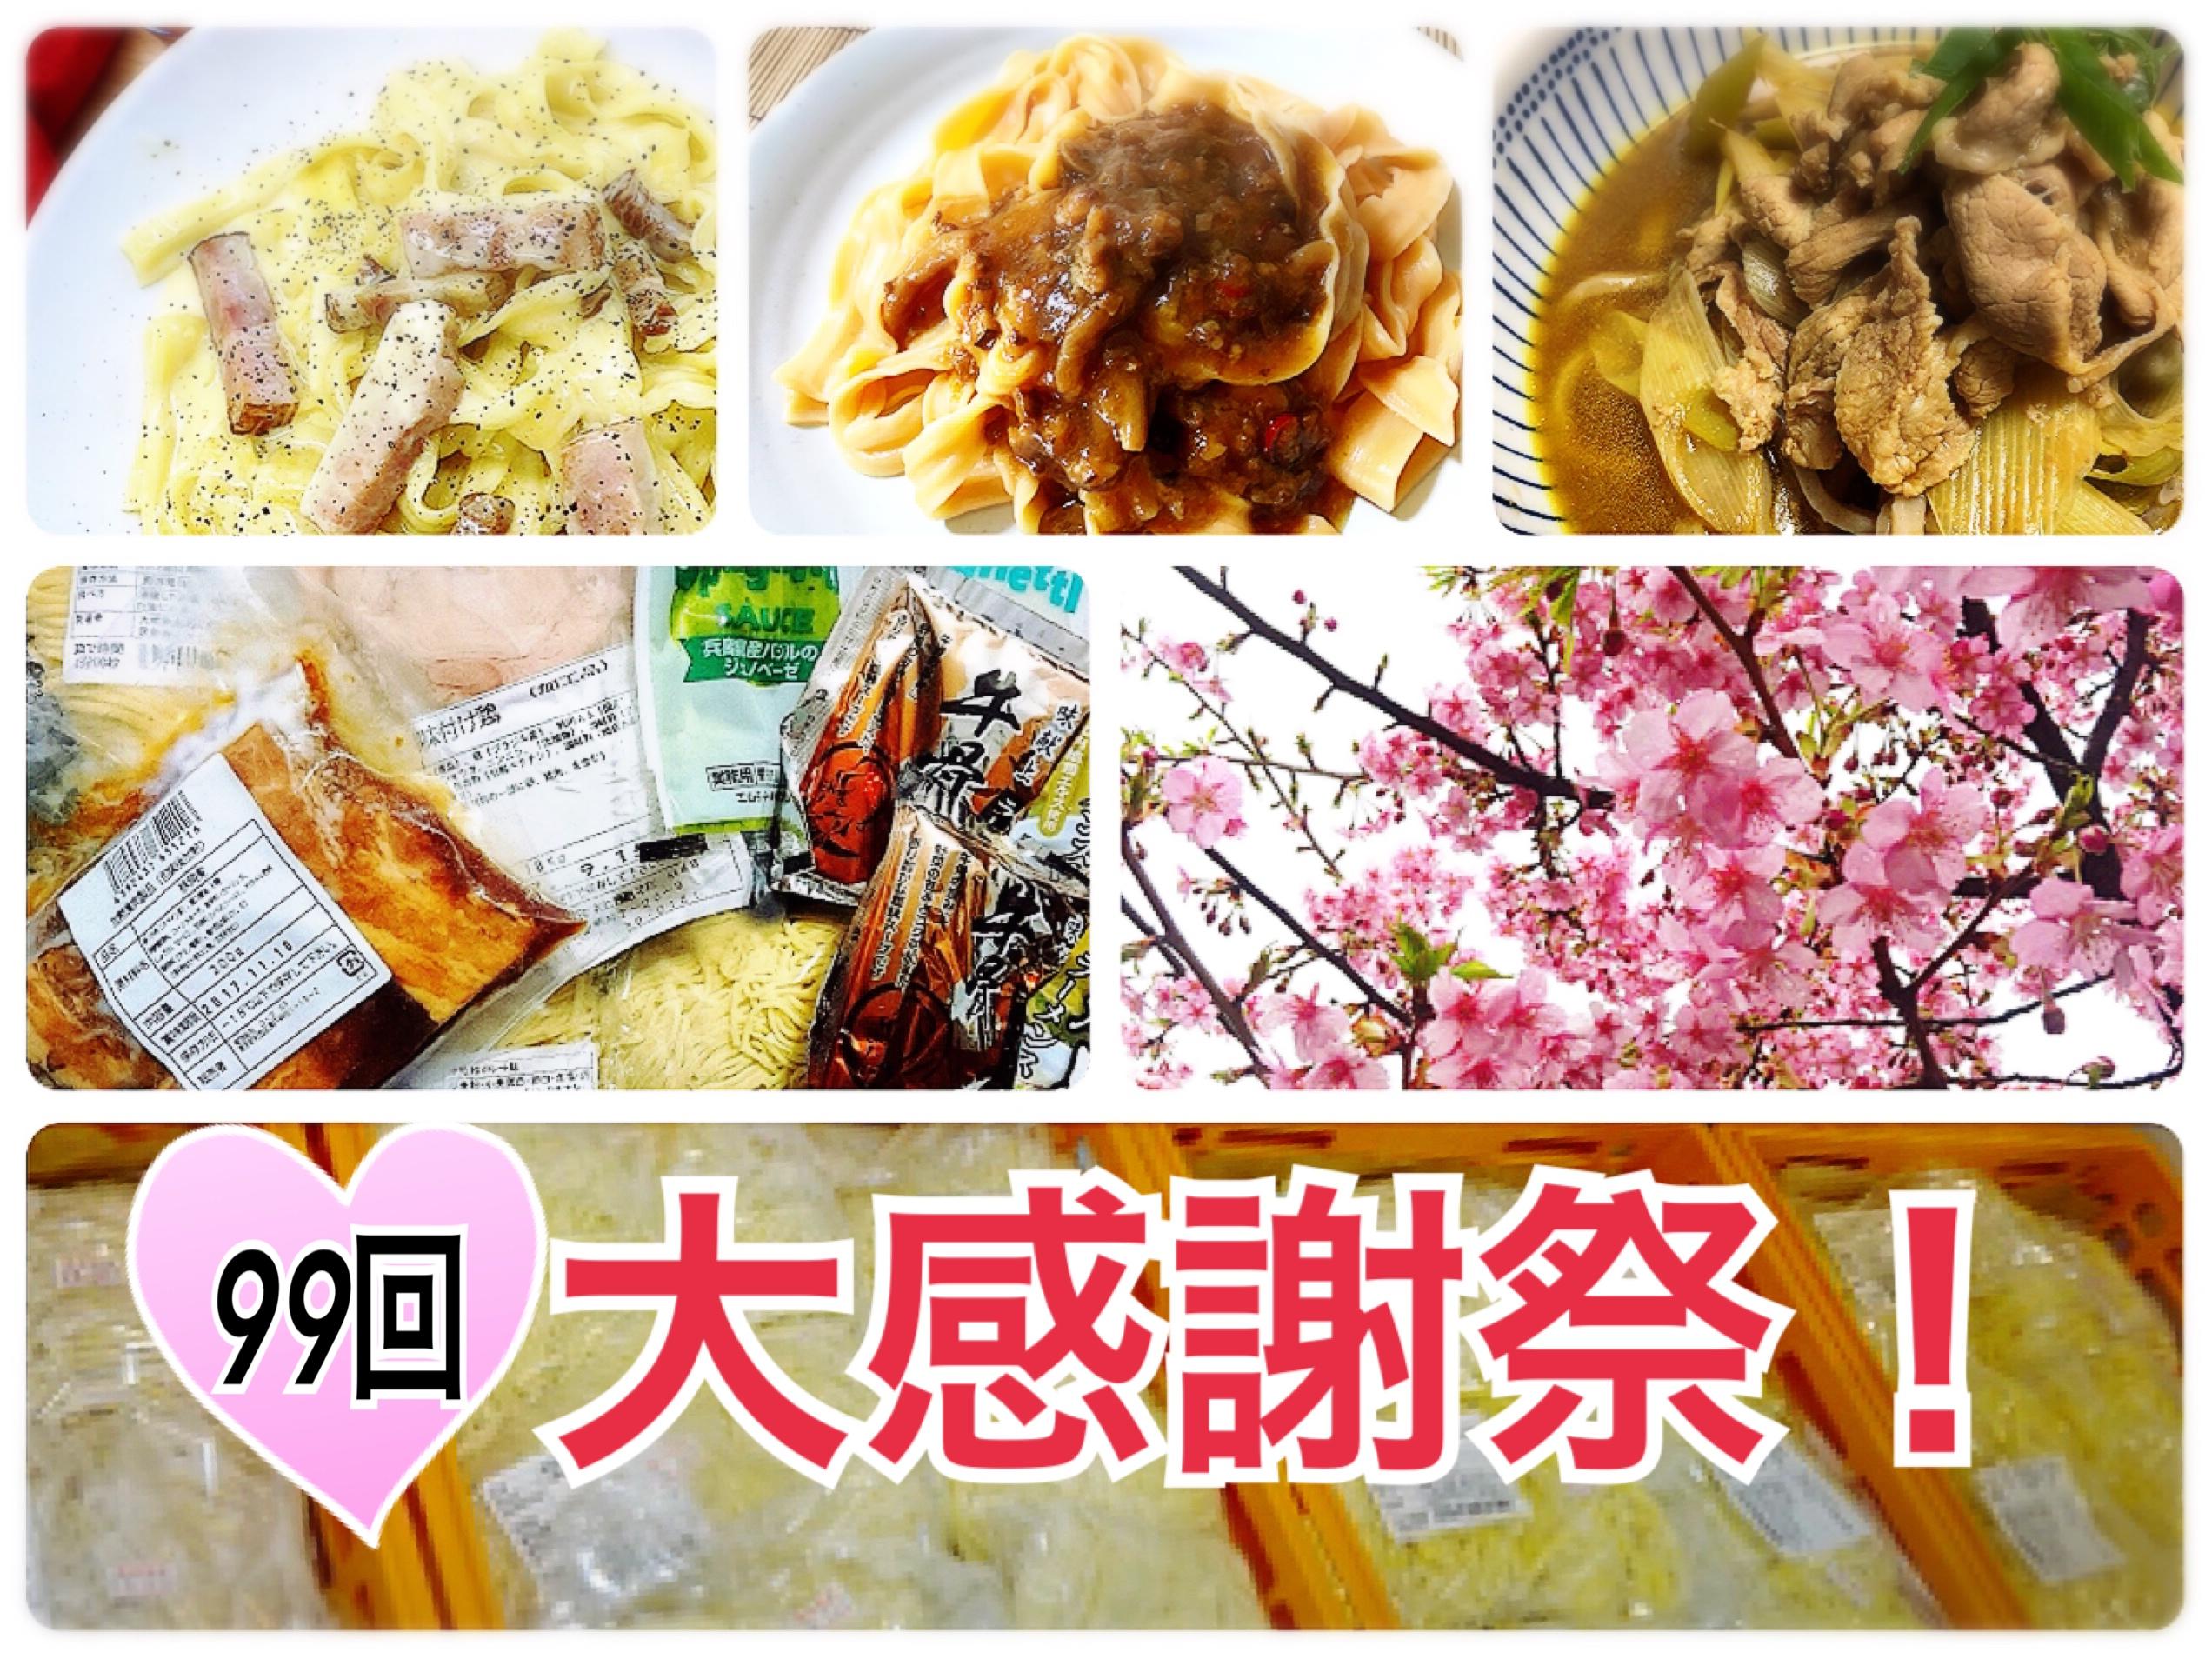 大成麺市場だより3月号 第99回記念でラーメン、うどん、純生パスタが感謝特価!